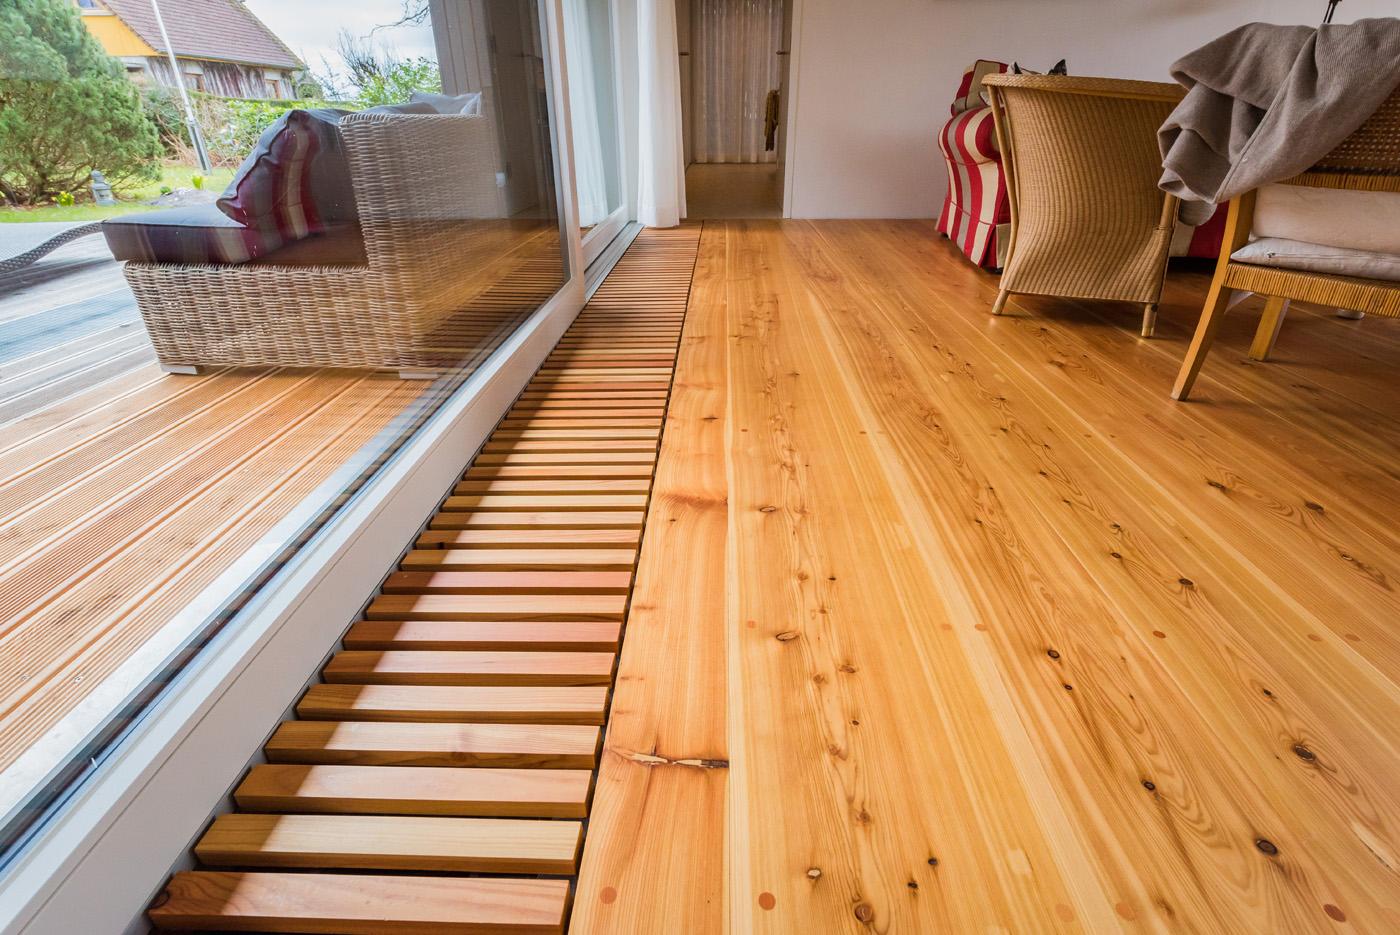 Fußbodenplatten Auf Dielen ~ Parkett dielen lärche haro parkett landhausdiele v lärche puro